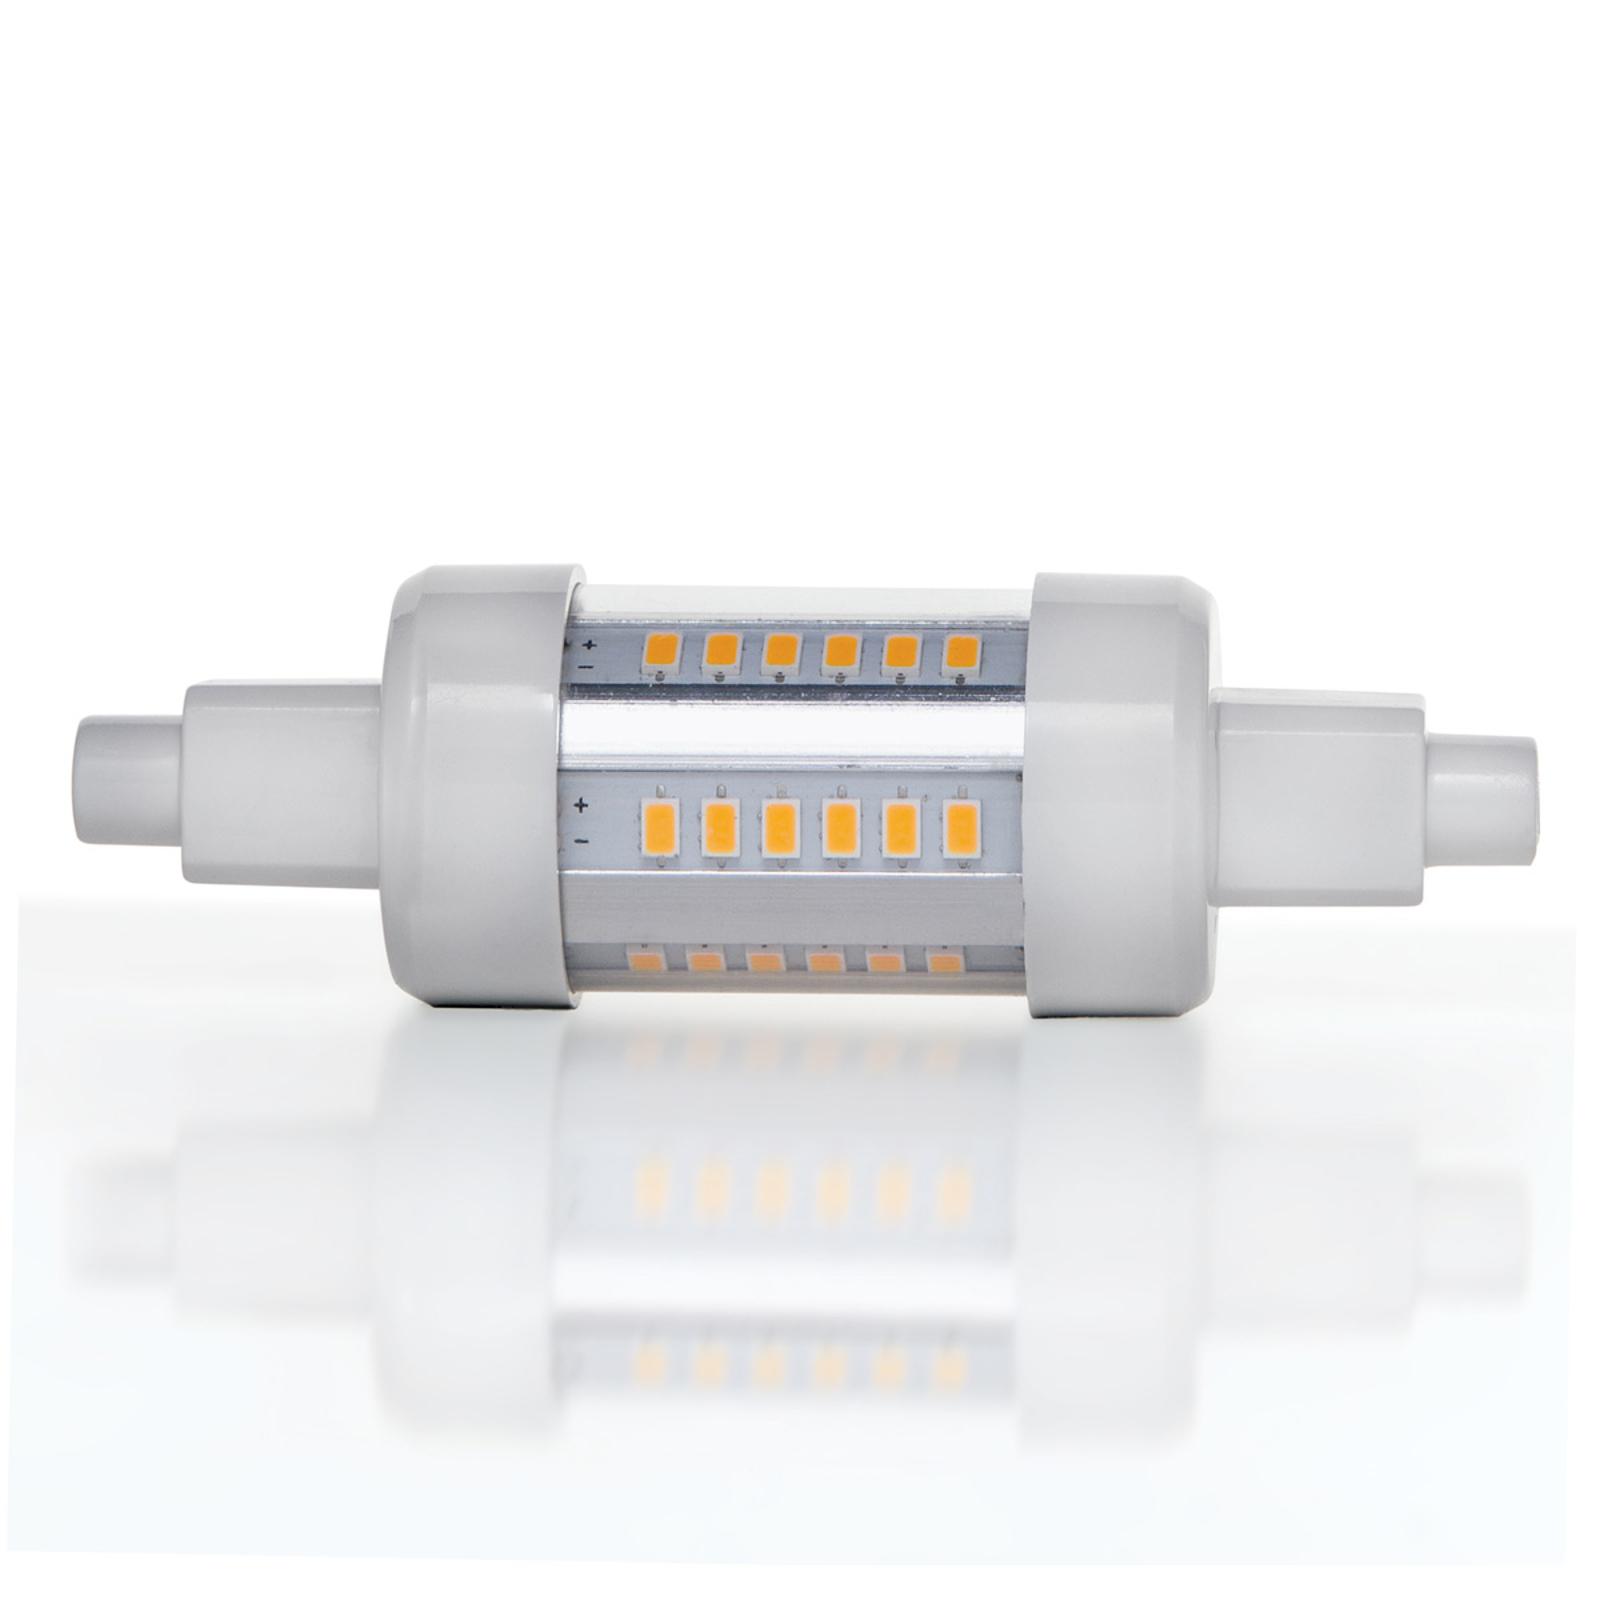 Lampadina a LED lineare R7s 5W 830